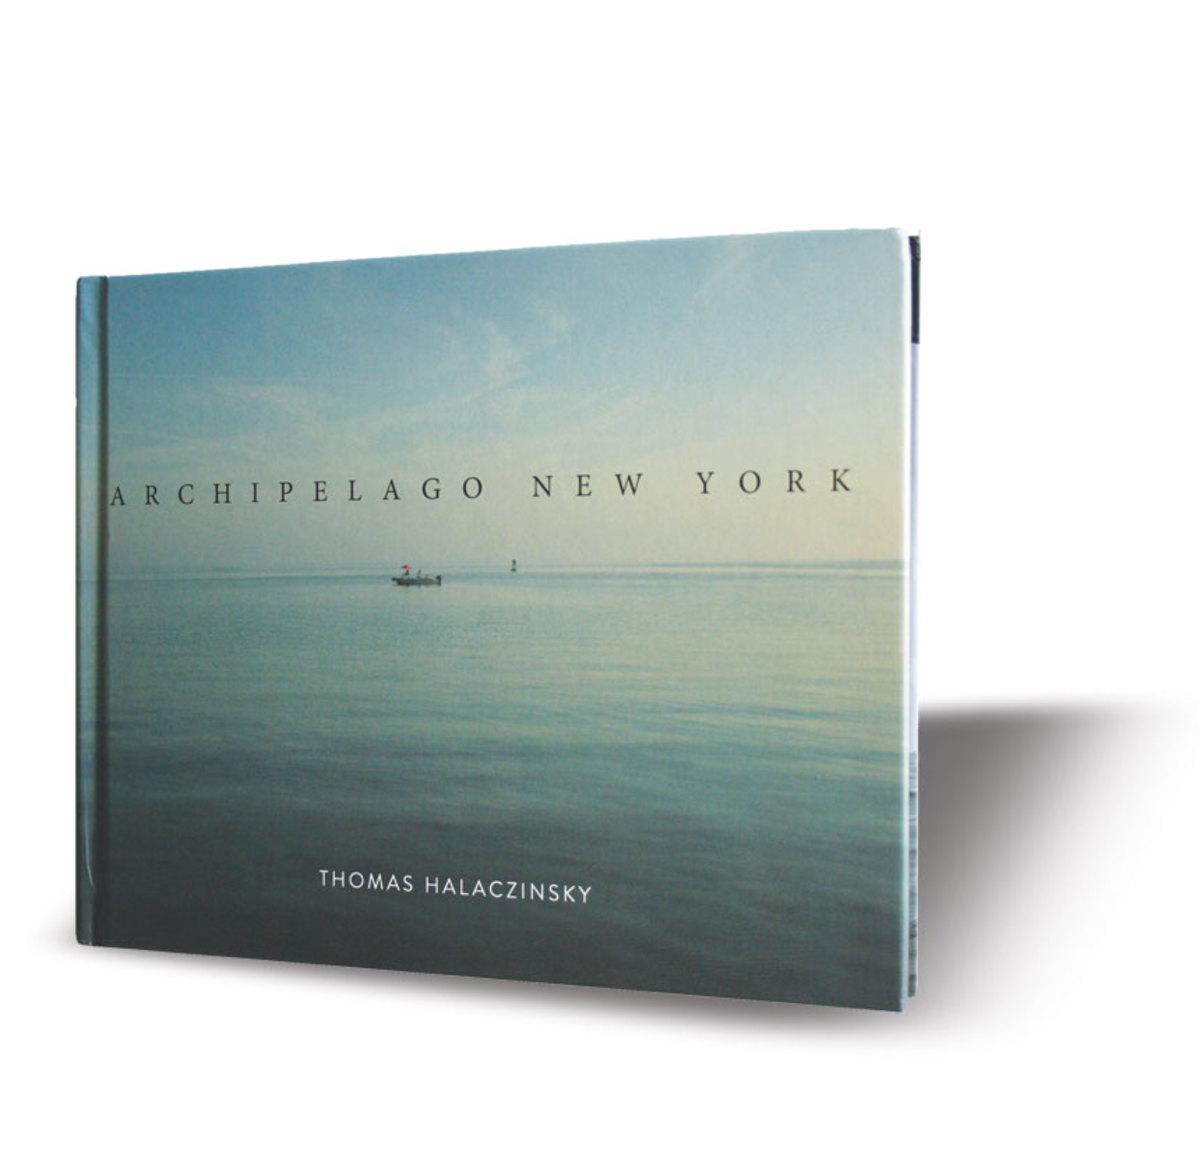 ArchipelagoNY_bookshadow